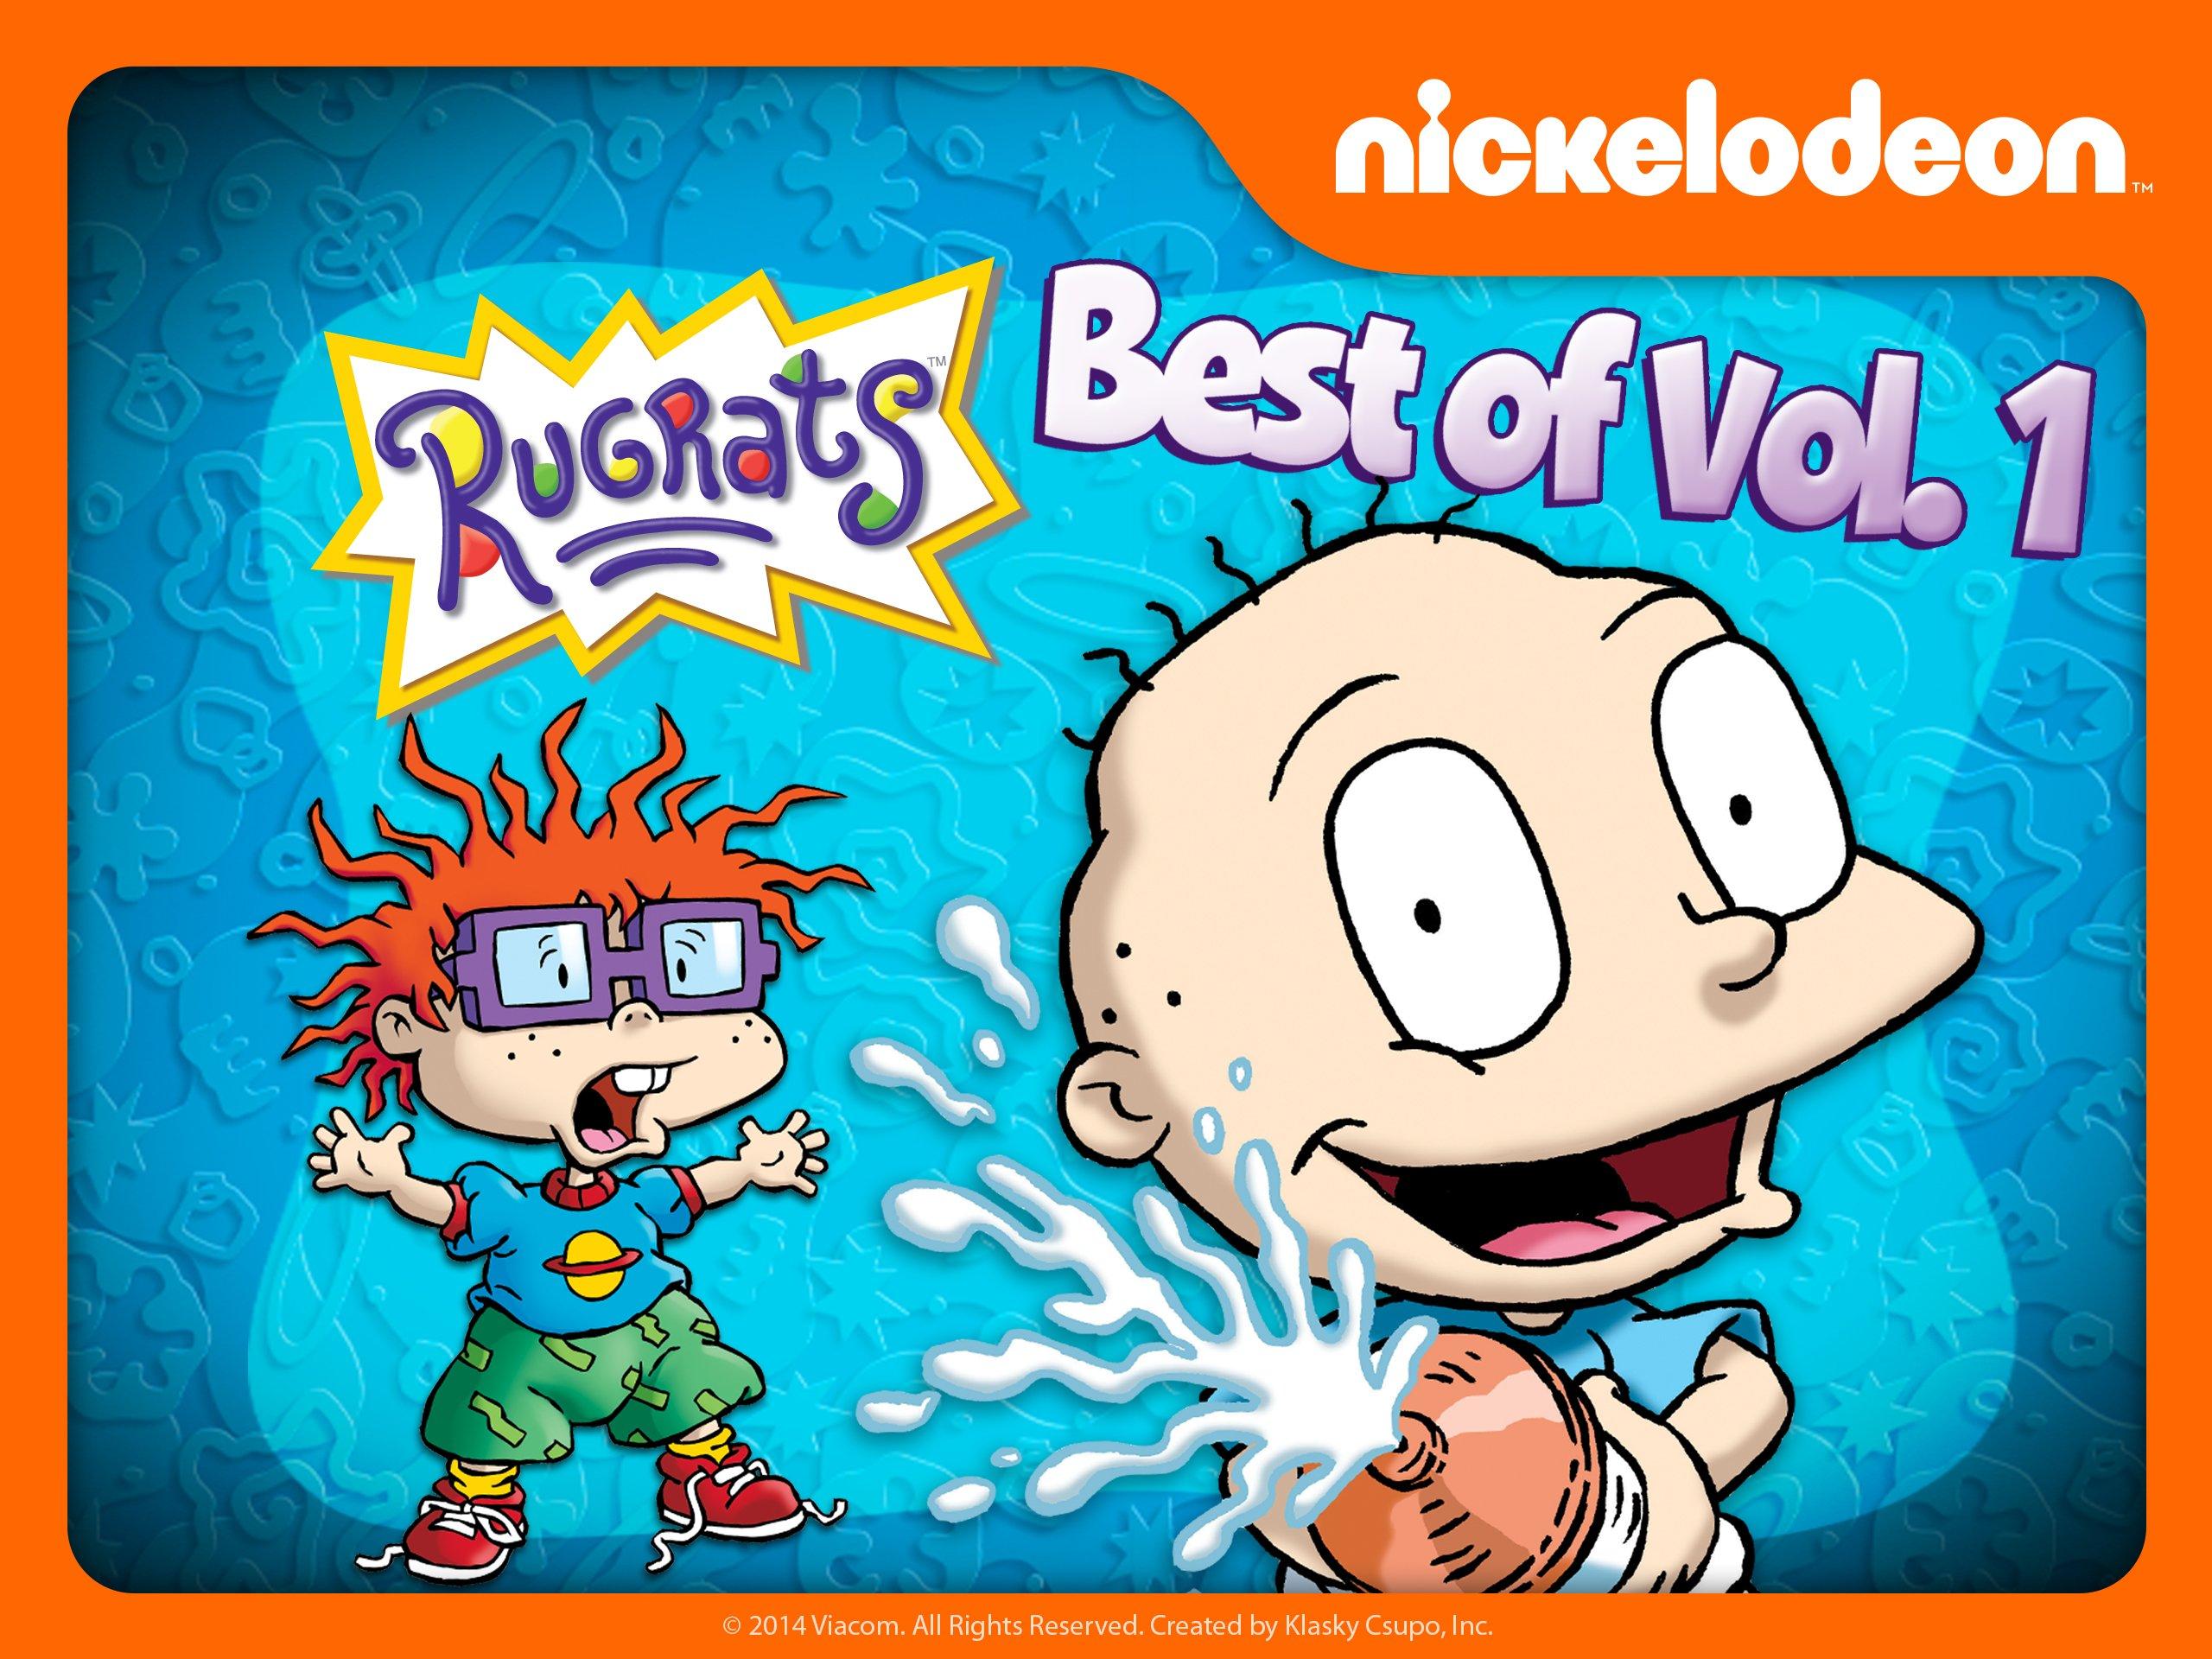 Amazon.com: Rugrats: Season 2, Episode 11 Naked Tommy